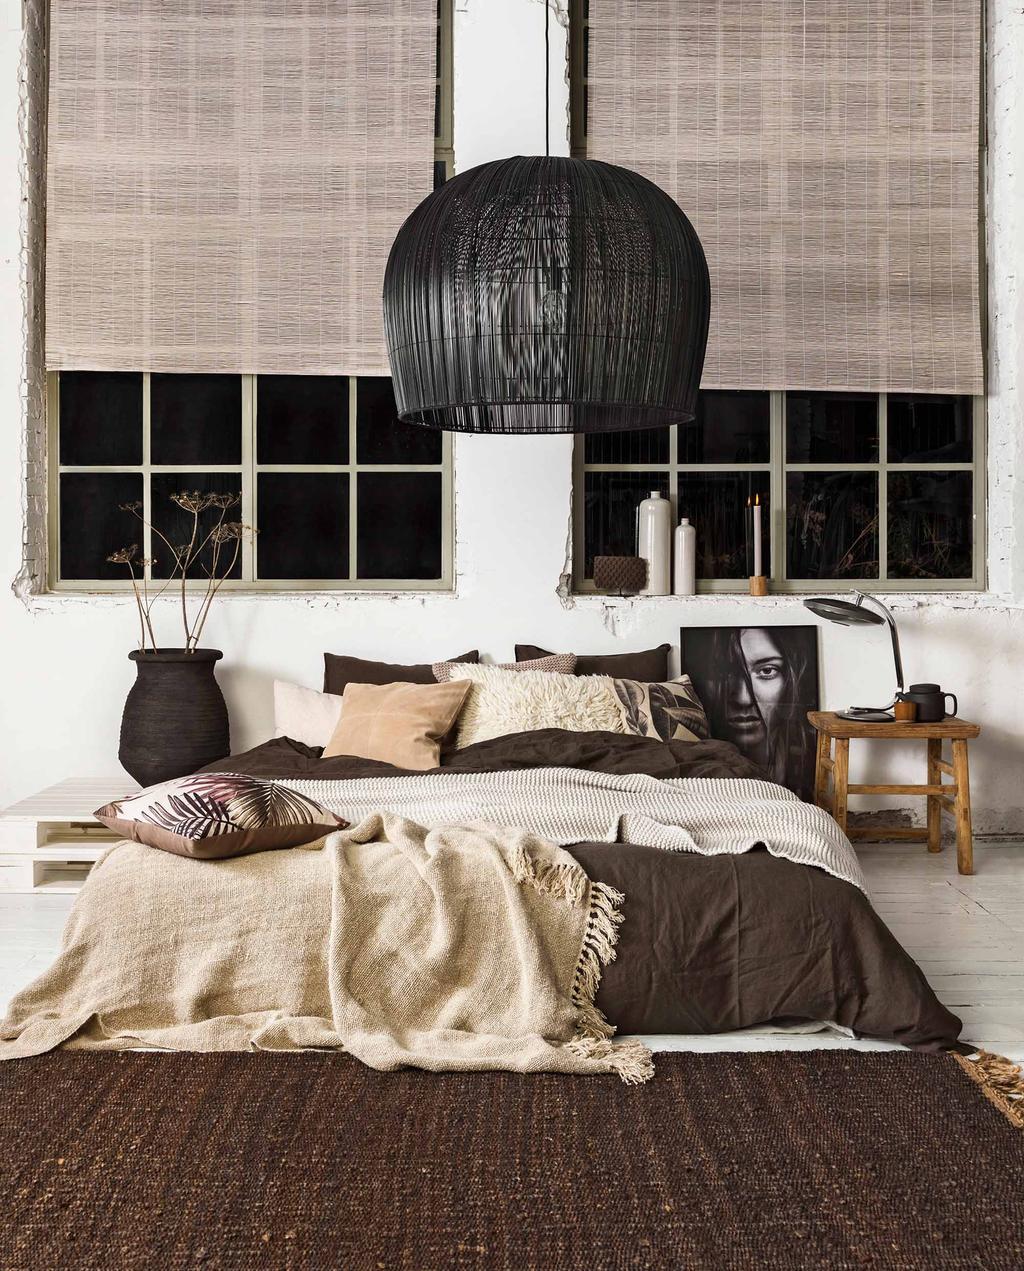 Styling natuurschoon: een natuurlijk interieur - Slaapkamer - Nr 01 2019 - vtwonen